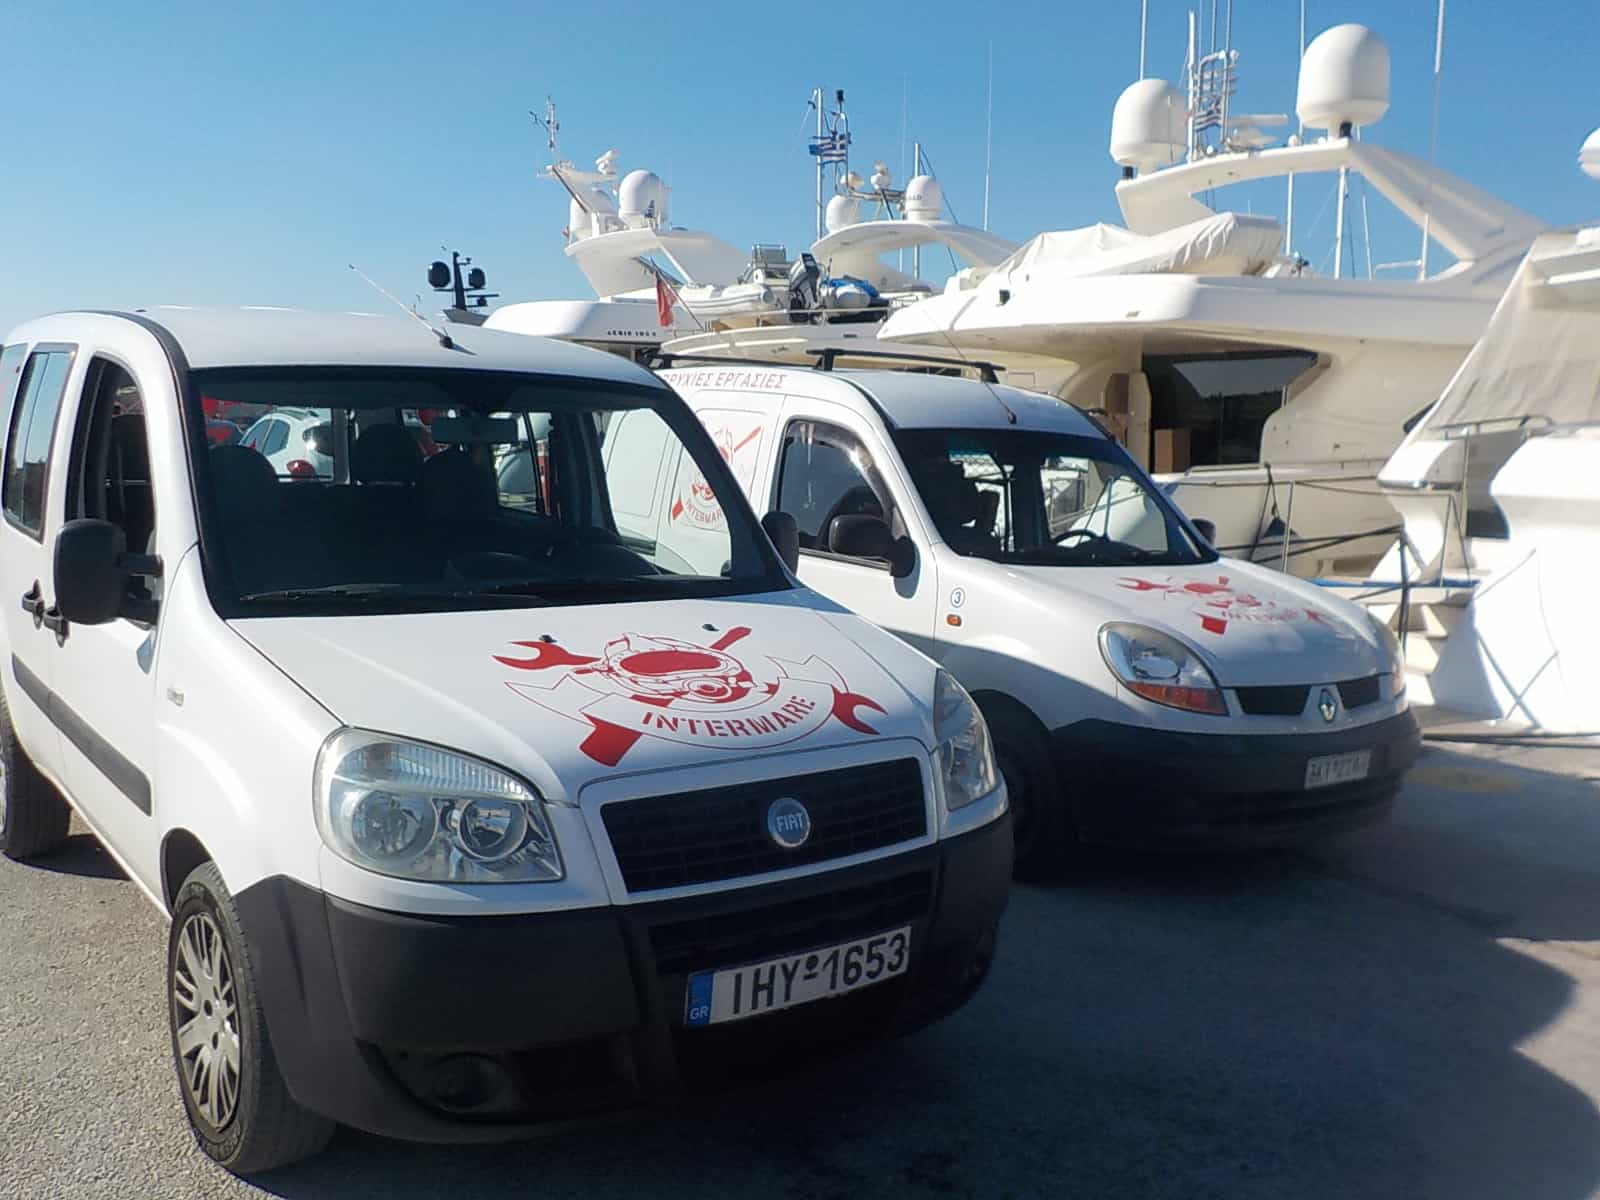 σε ετοιμότητα τα οχήματα intermare divers στην μαρίνα Αλίμου